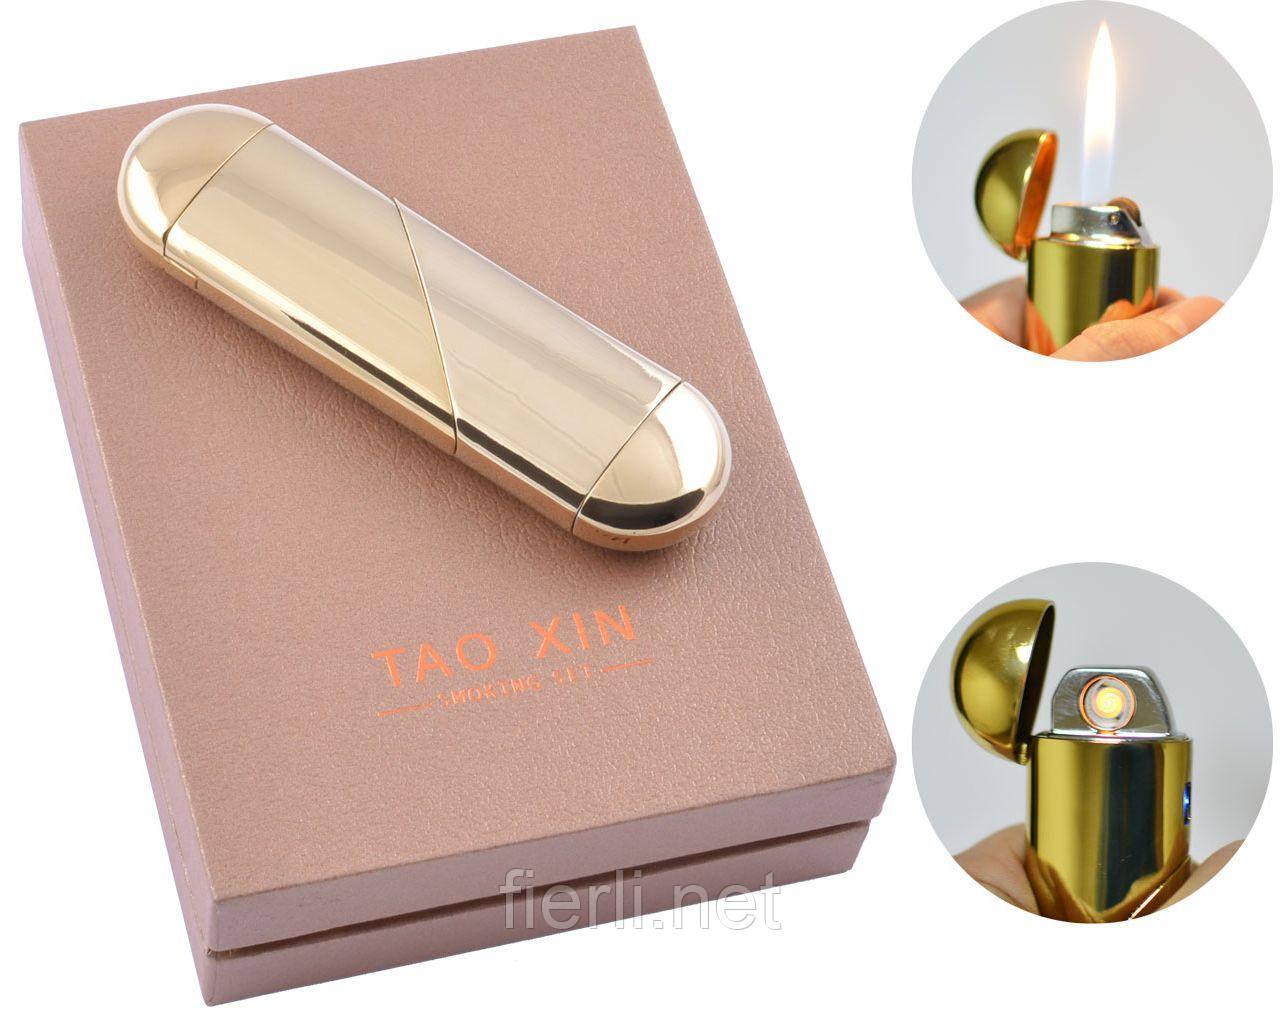 USB зажигалка в подарочной упаковке (Спираль накаливания, Обычное пламя) №4820